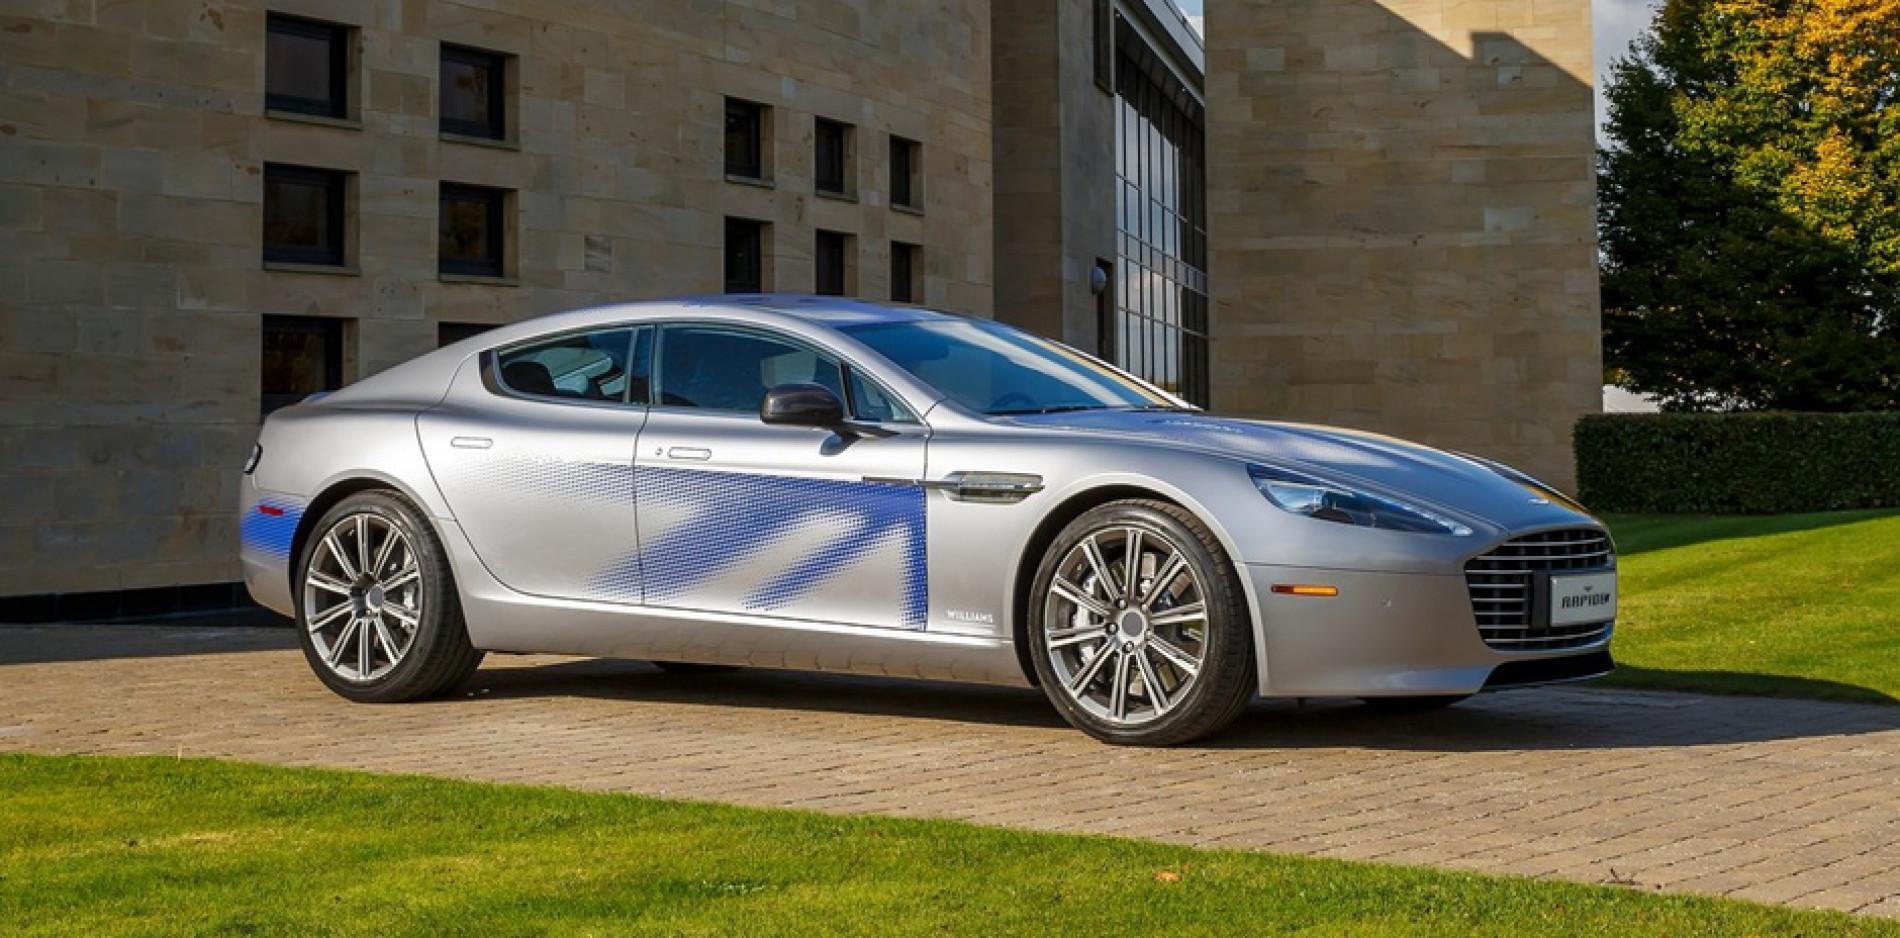 Tormenta eléctrica con el Aston Martin RapidE Concept